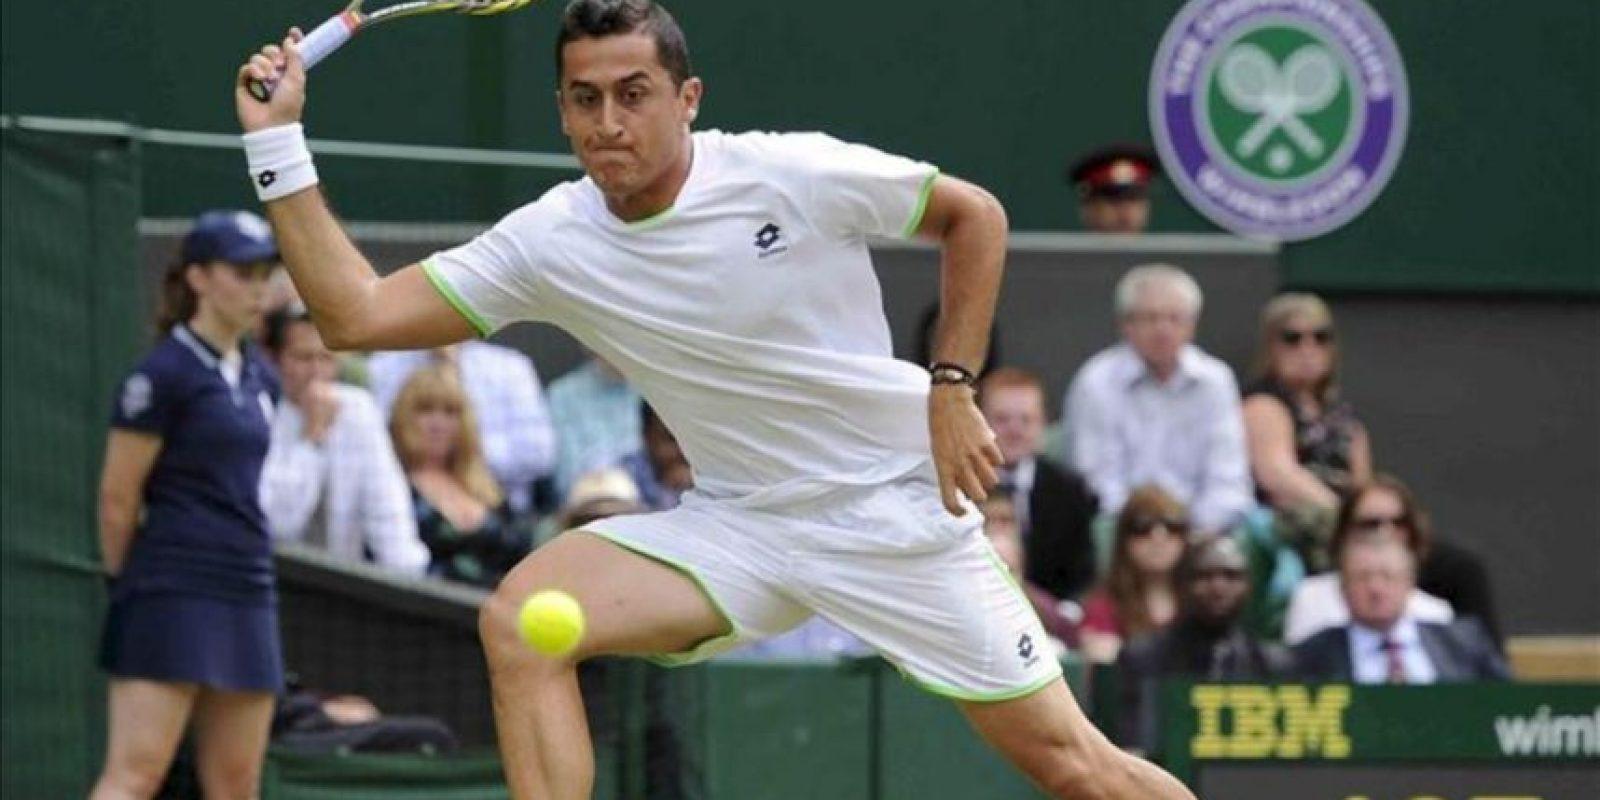 El tenista Nicolás Almagro durante el partido de segunda ronda del torneo de Wimbledon. EFE